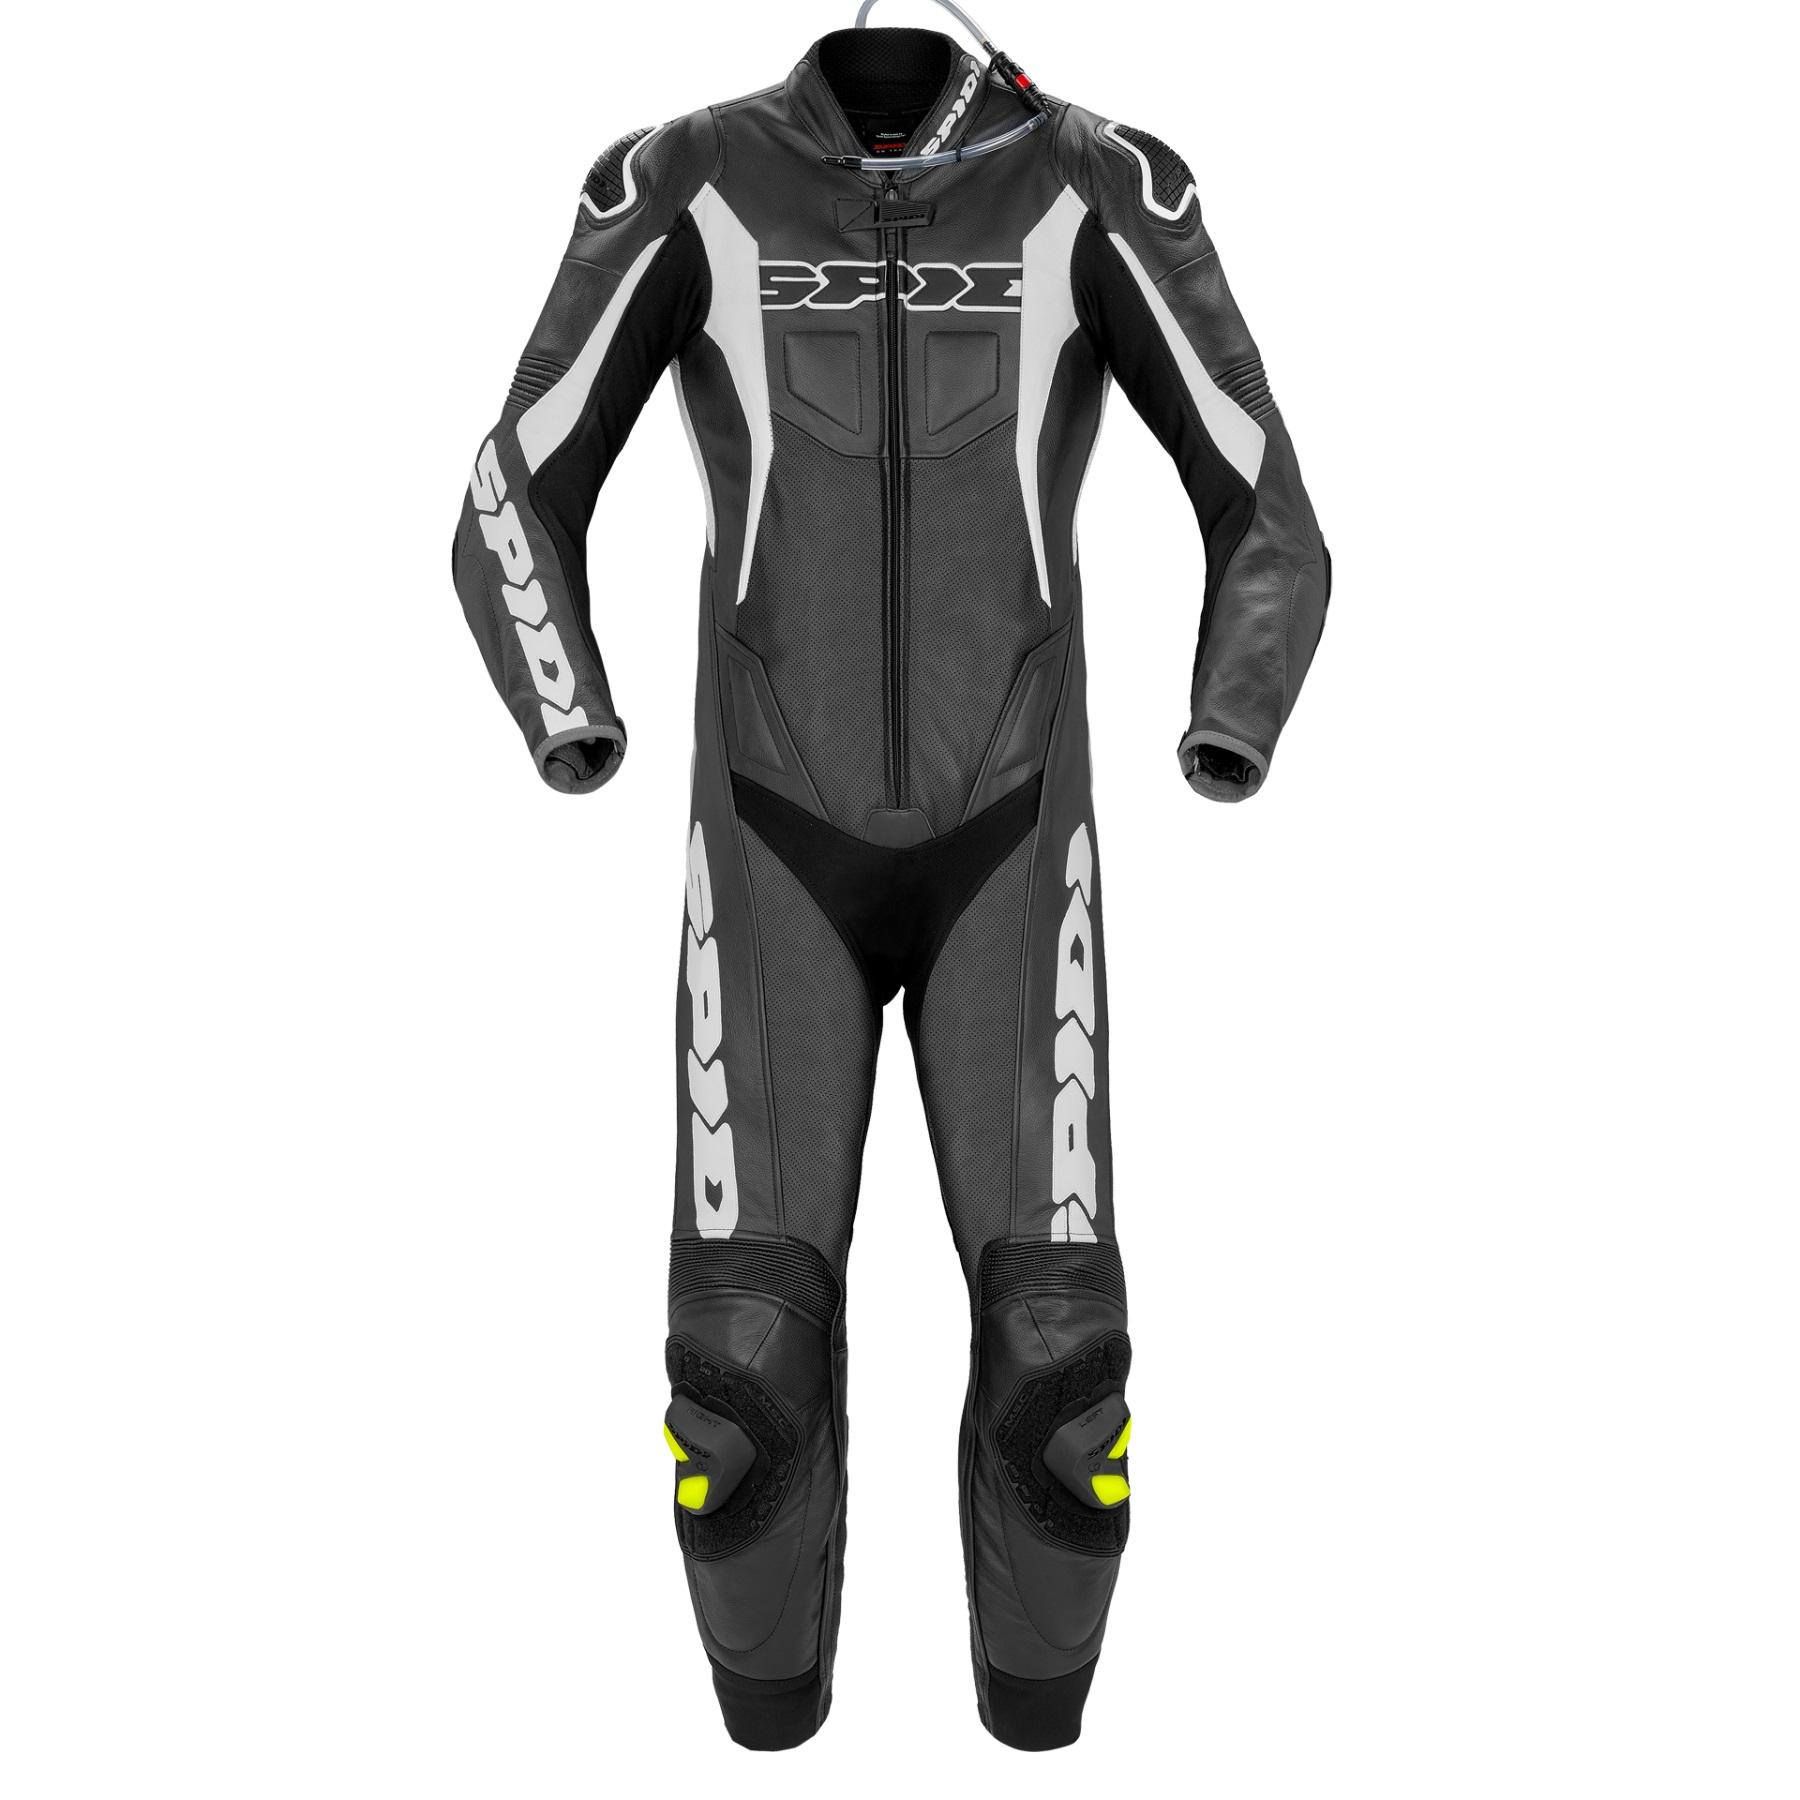 Afbeelding van spidi sport warrior perf. pro black white one piece racing suit